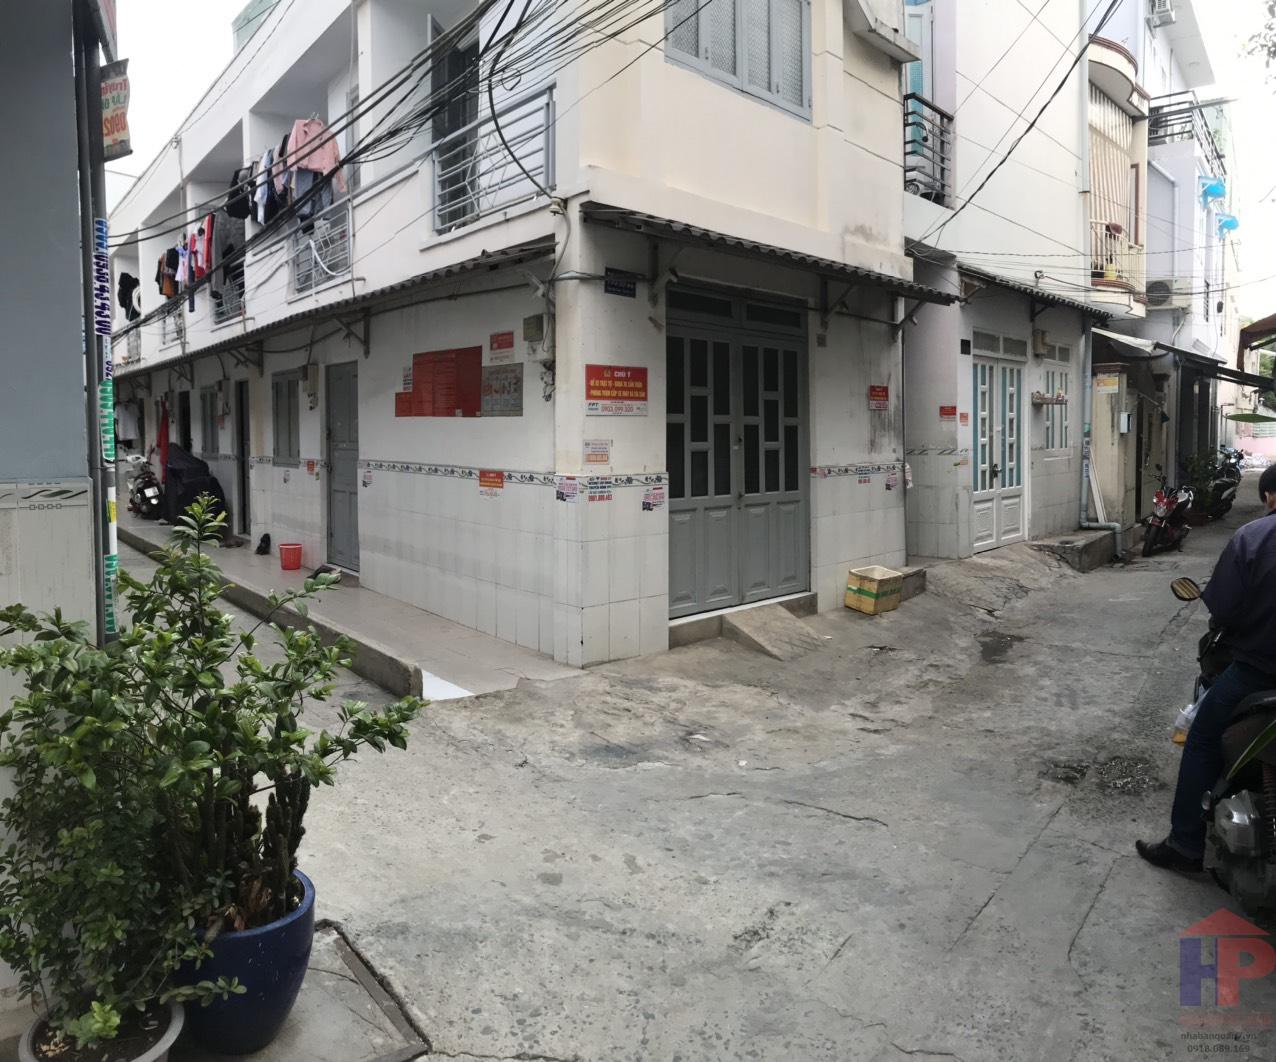 Bán nhà trọ hẻm 793 Trần Xuân Soạn, Phường Tân Hưng, Quận 7 DT  5 x 20m Giá 6.7 tỷ LH 0909477288